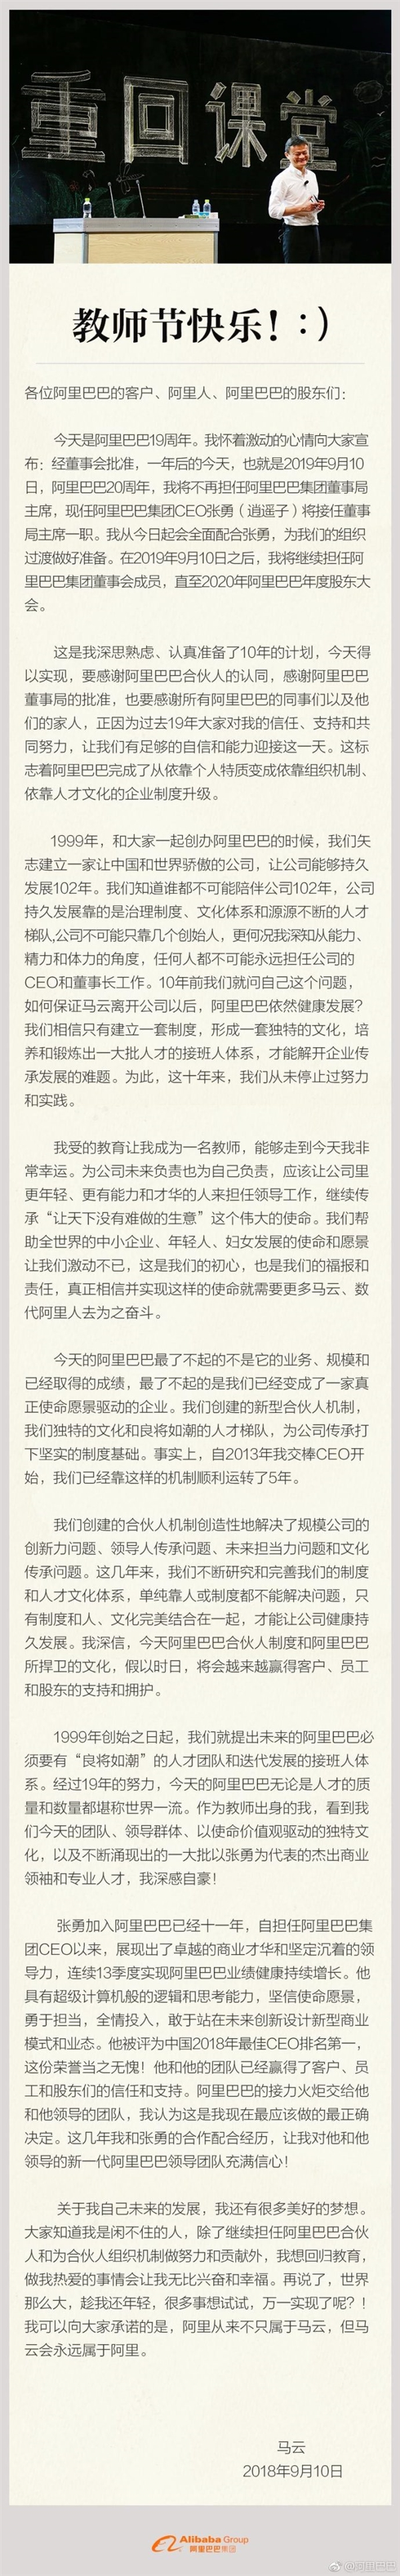 马云正式宣布接班人:一年后张勇接任 将回归教育